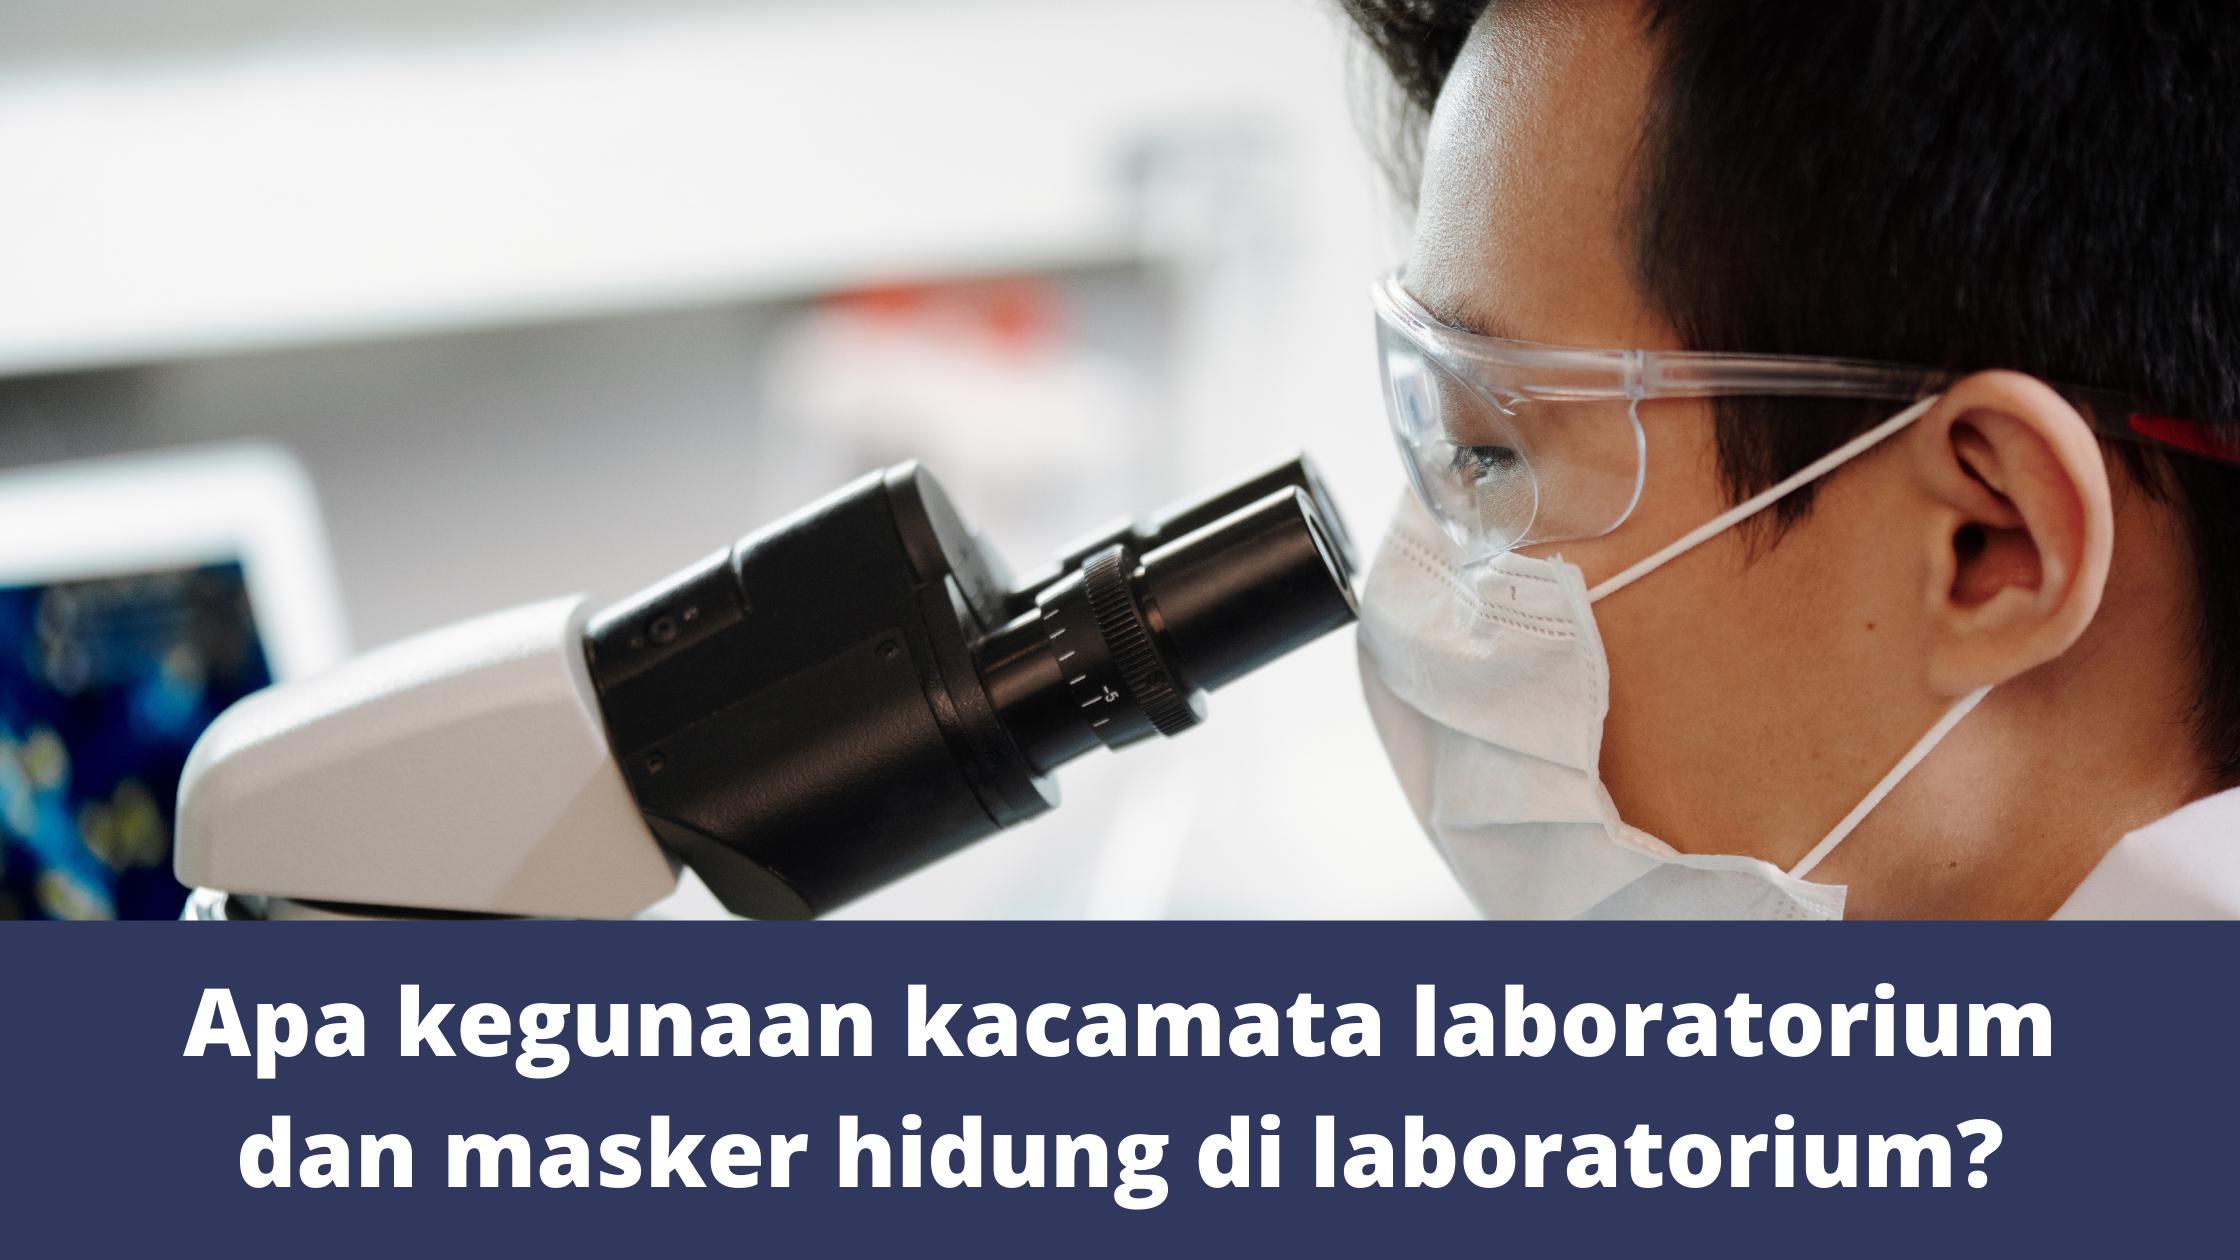 Apa kegunaan kacamata laboratorium dan masker hidung di laboratorium?